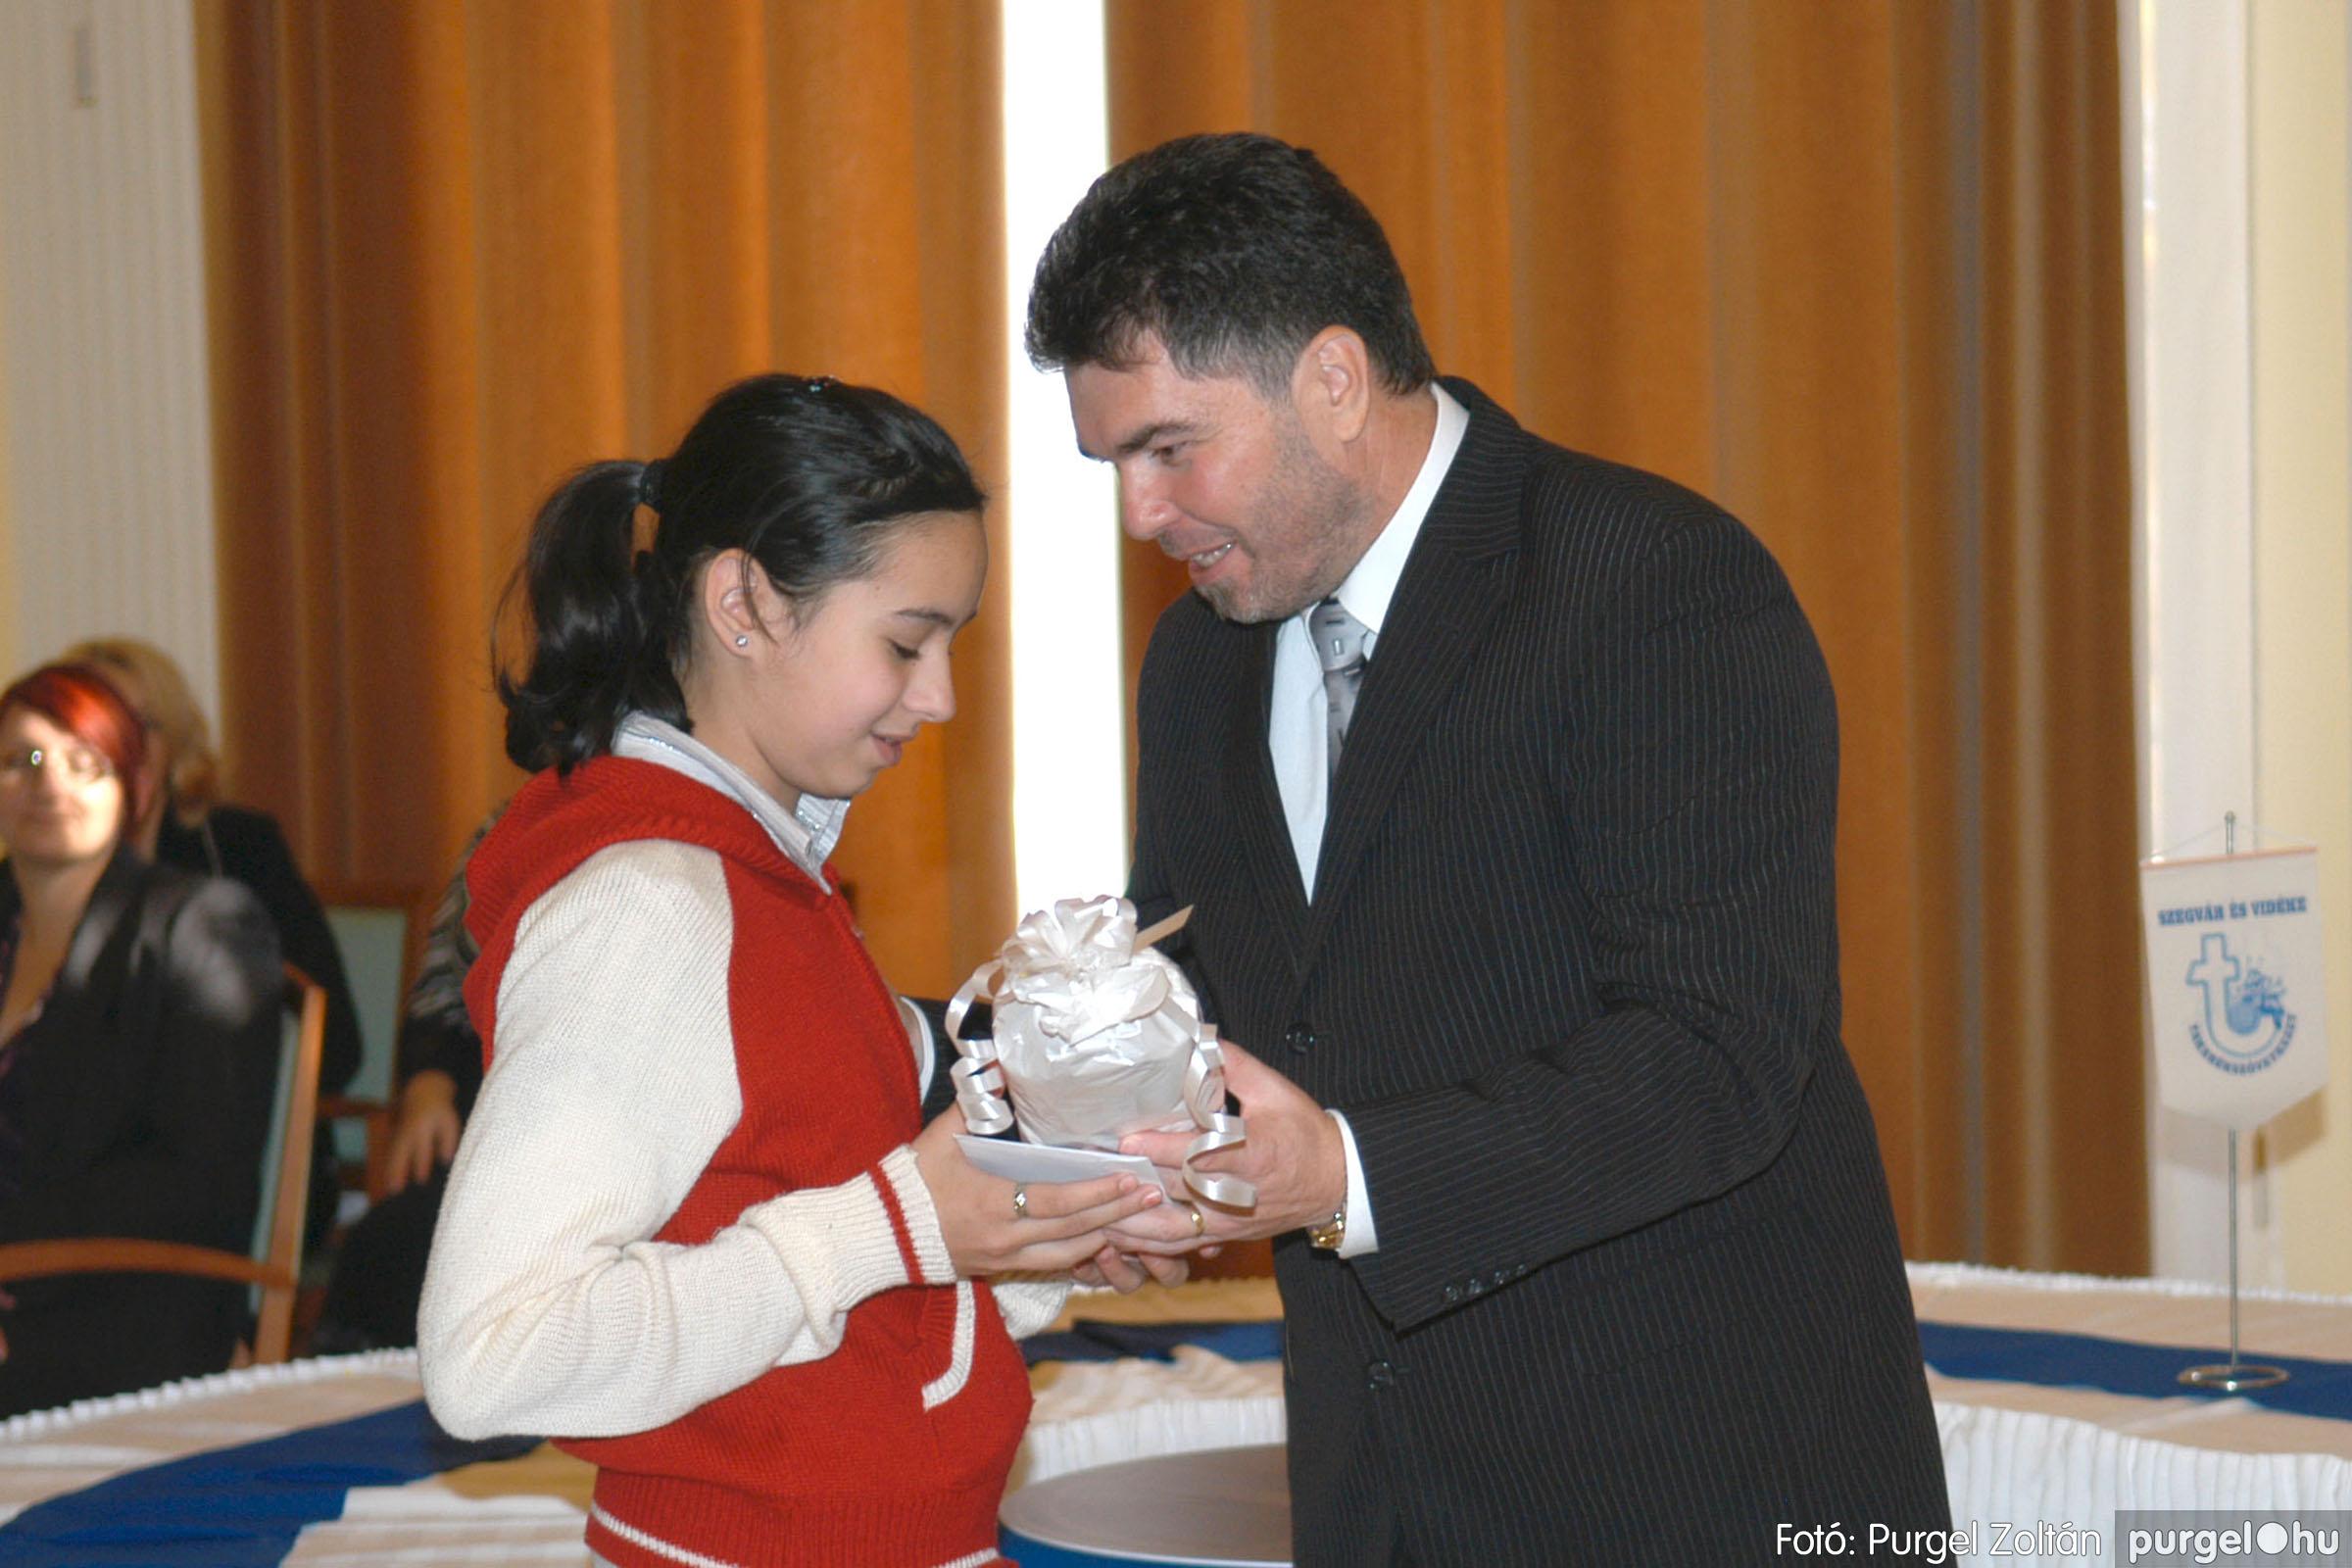 2010.10.28. 101 Szegvár és Vidéke Takarékszövetkezet takarékossági világnap rendezvény - Fotó:P. Z..jpg